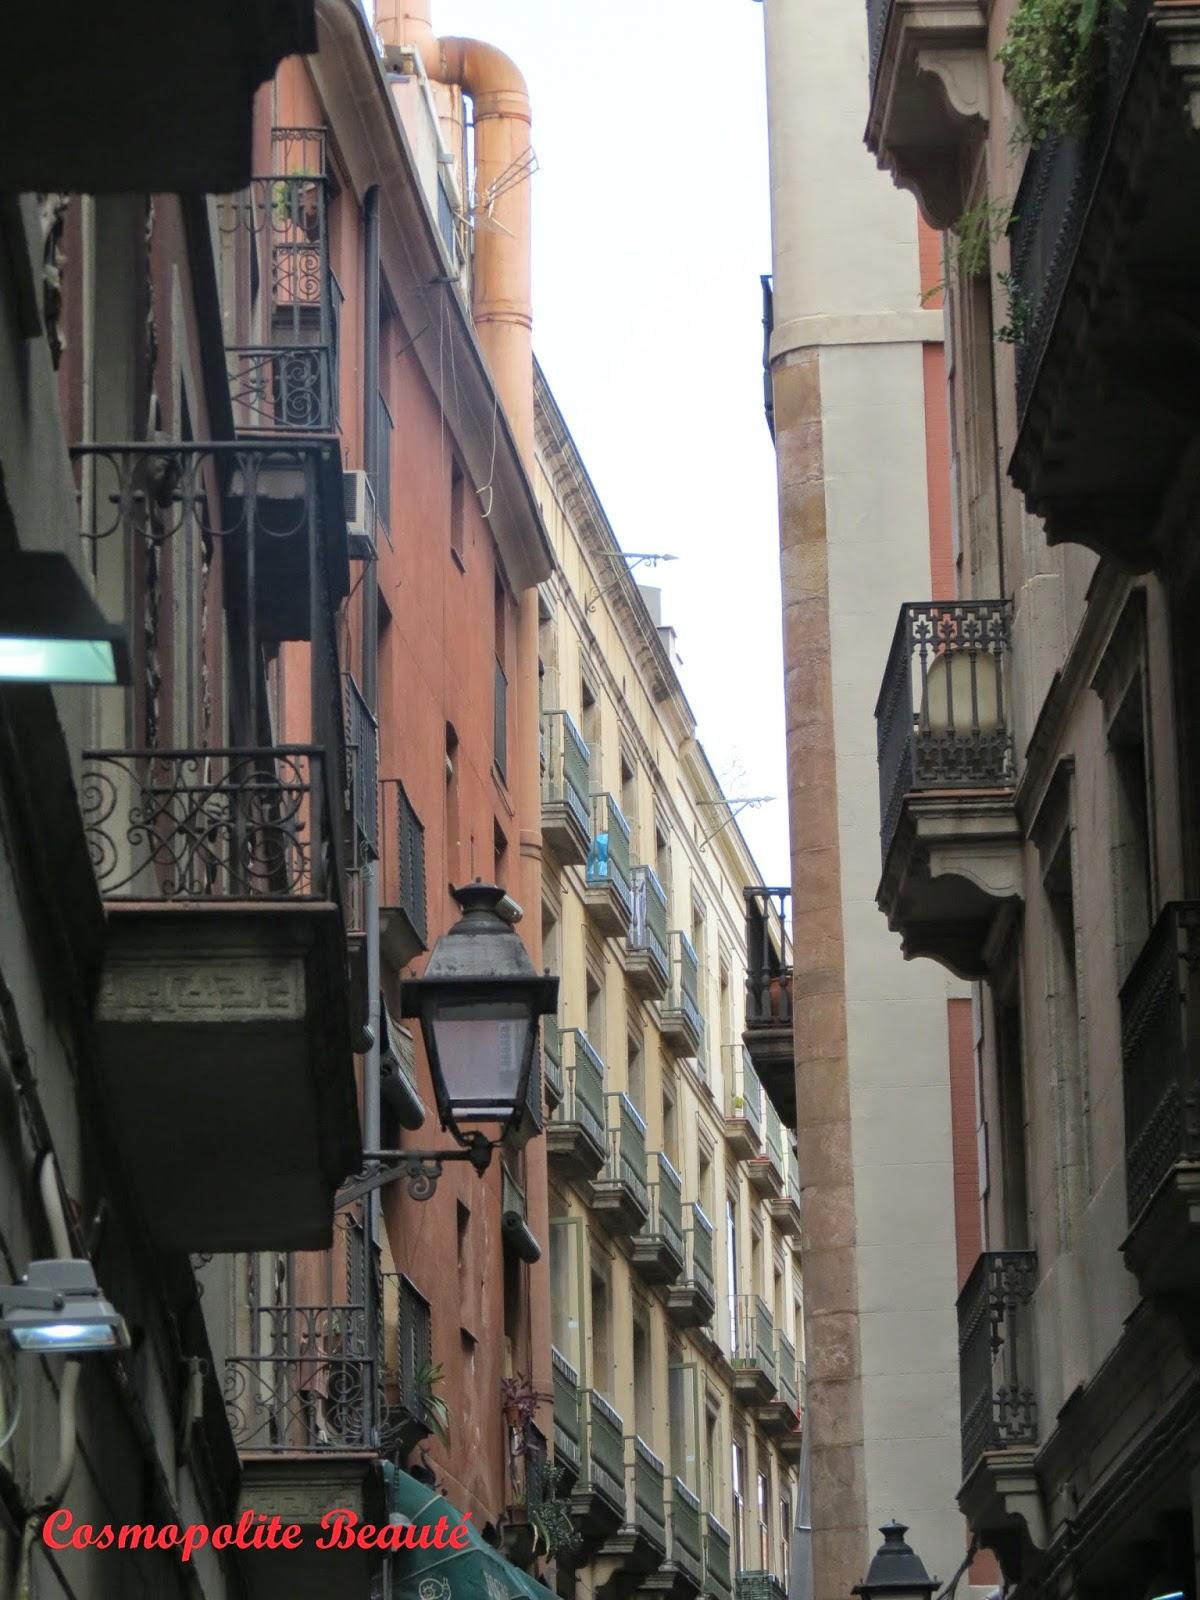 Las ramblas, Barcelone, Espagne, voyage, carnet de voyage, Barcelona, beauté, mode, boutiques